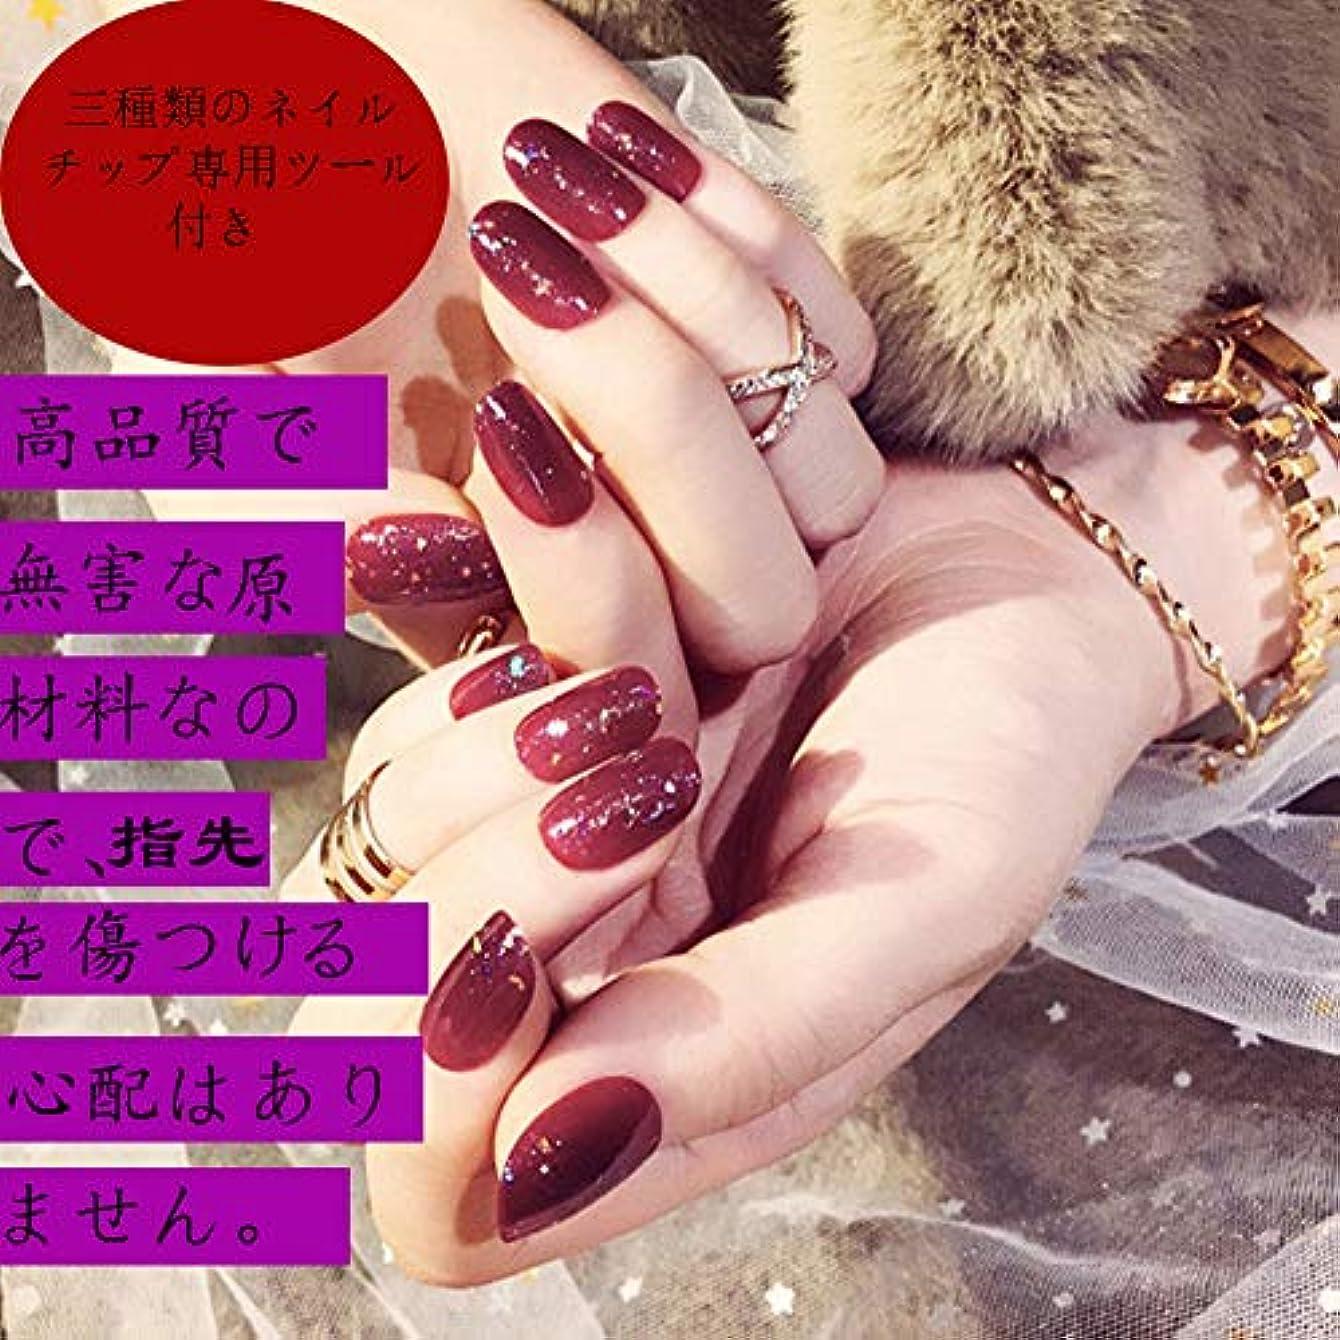 霊出演者キャンベラHuangHM小悪魔系キレイ魅せネイルチップ ライトセラピー人体に无害上品 ヌーディ グラマラスクール ネイルチップ つけ爪なかっこいい系 付け爪 簡単便利な付け爪 エレガント 和柄着物和装成人式にも